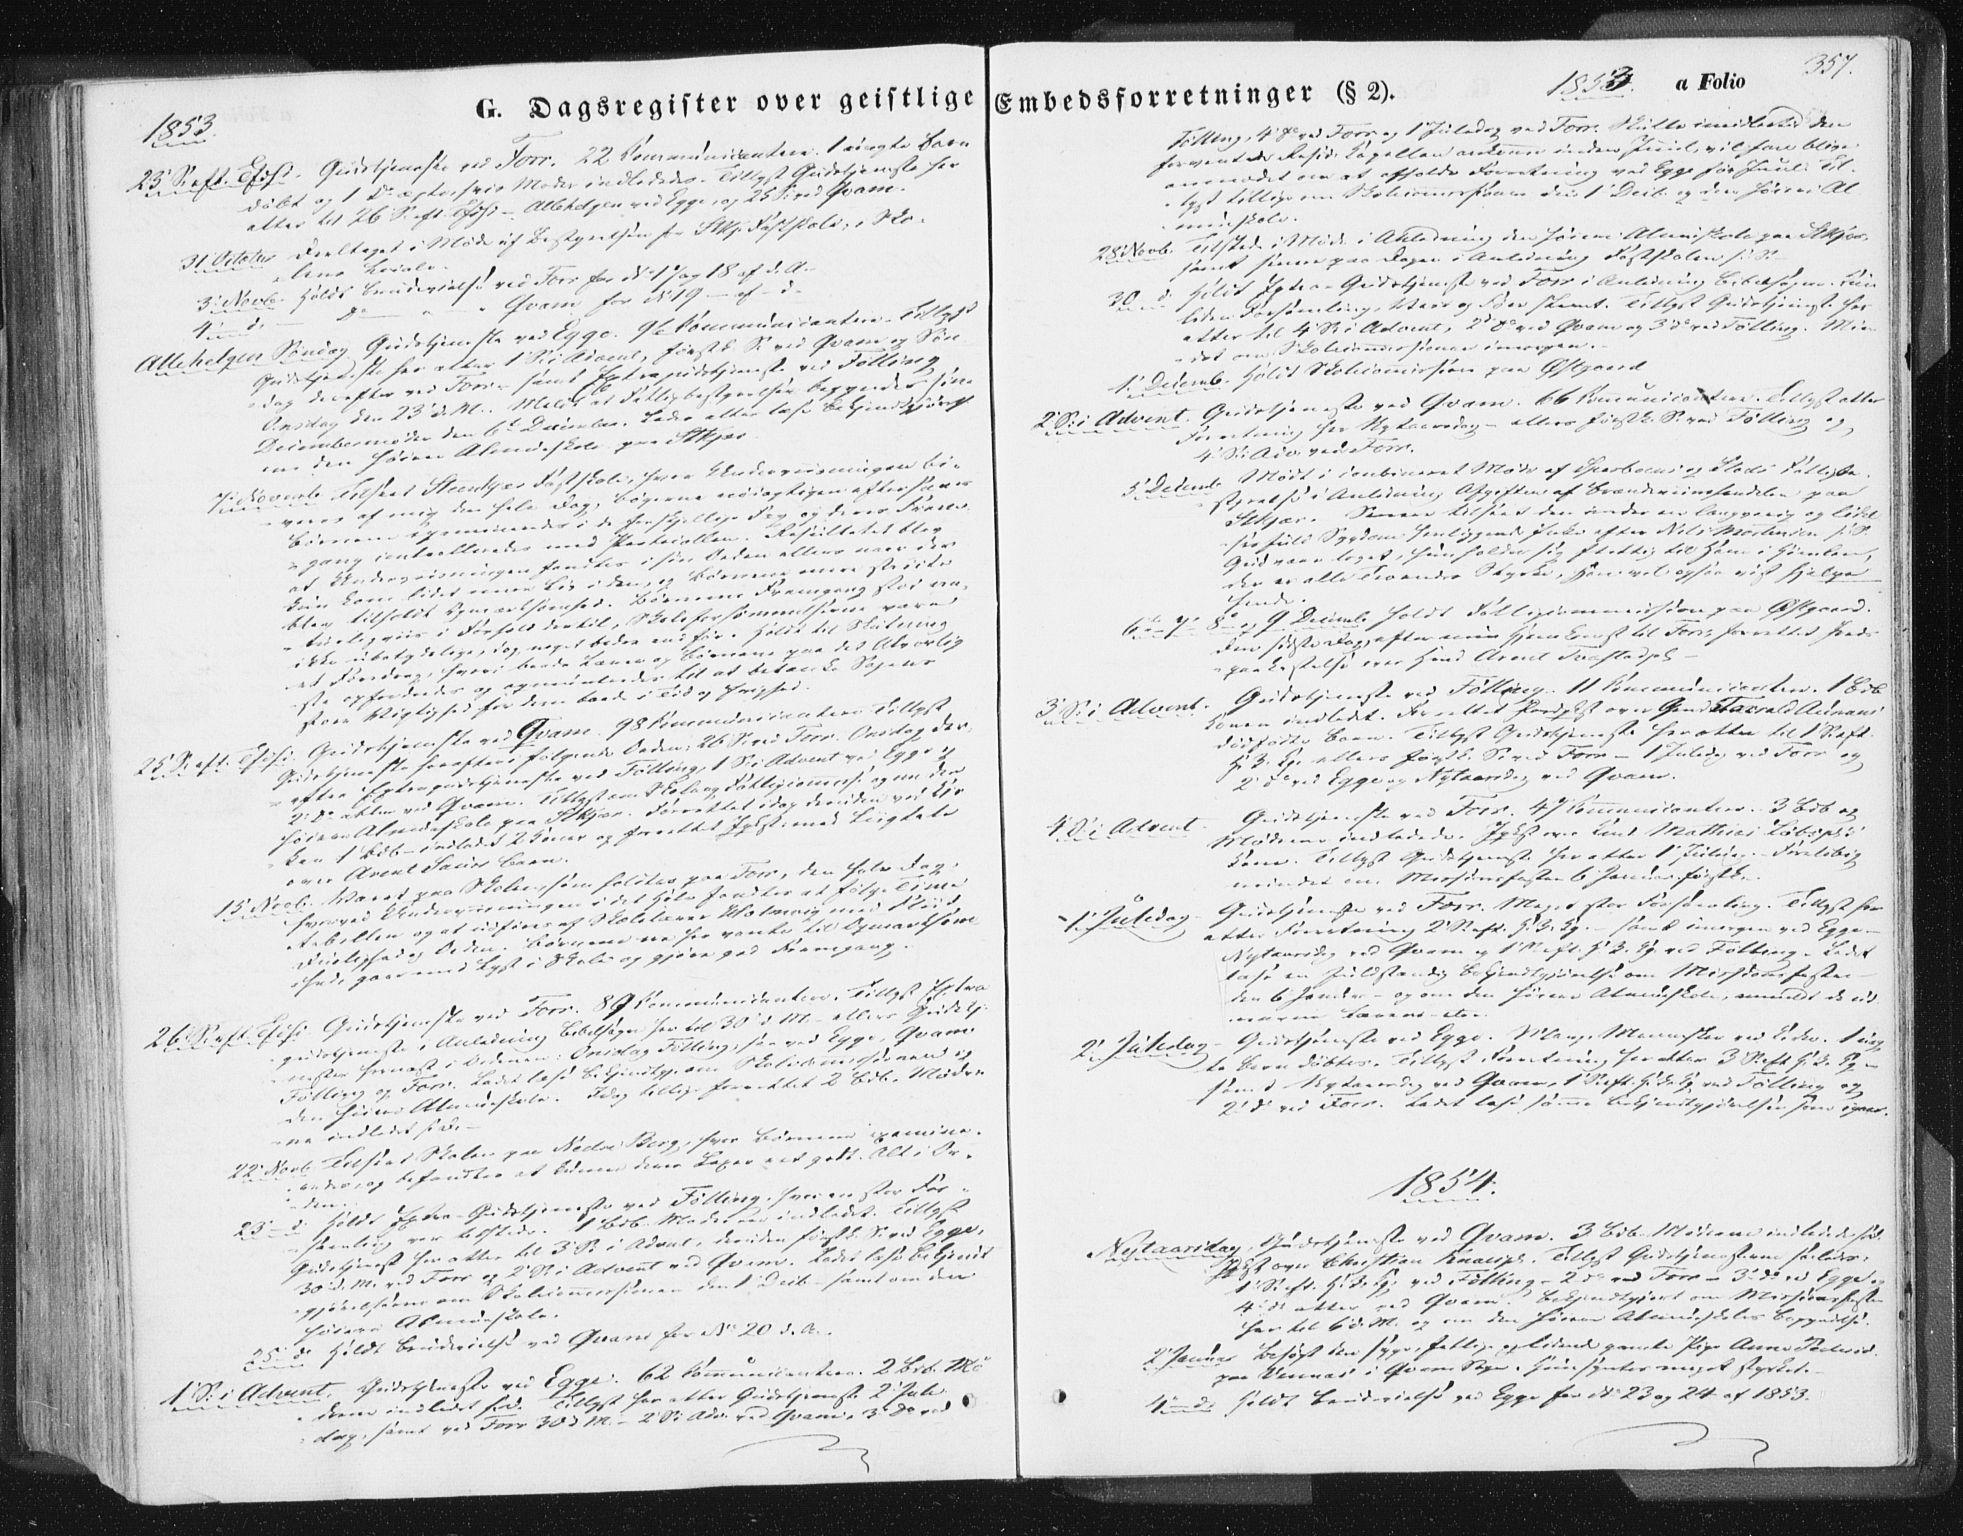 SAT, Ministerialprotokoller, klokkerbøker og fødselsregistre - Nord-Trøndelag, 746/L0446: Ministerialbok nr. 746A05, 1846-1859, s. 357